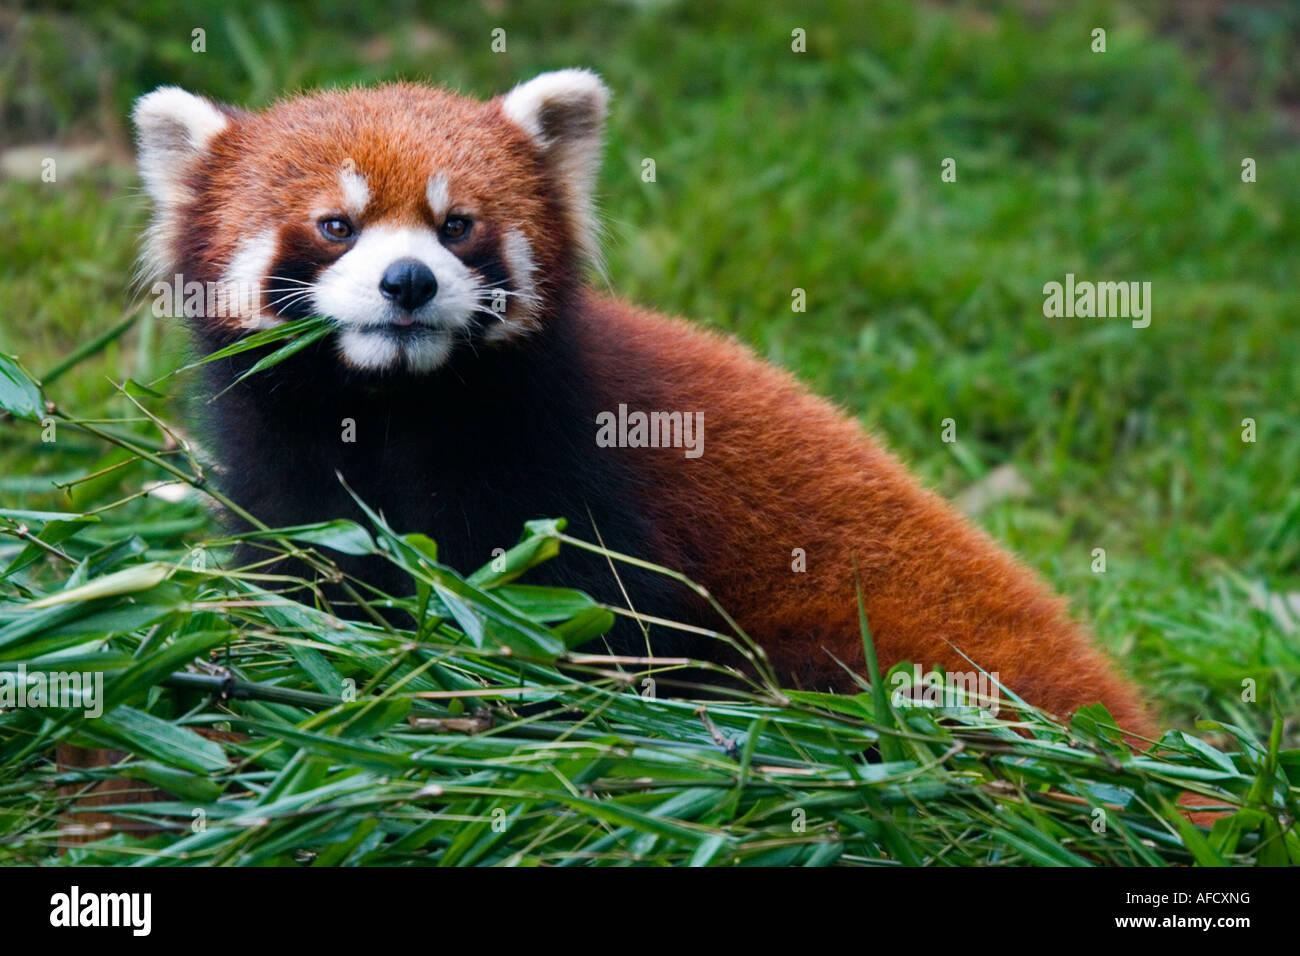 Red Panda Chengdu Panda Breeding Center Guanxi Province China - Stock Image